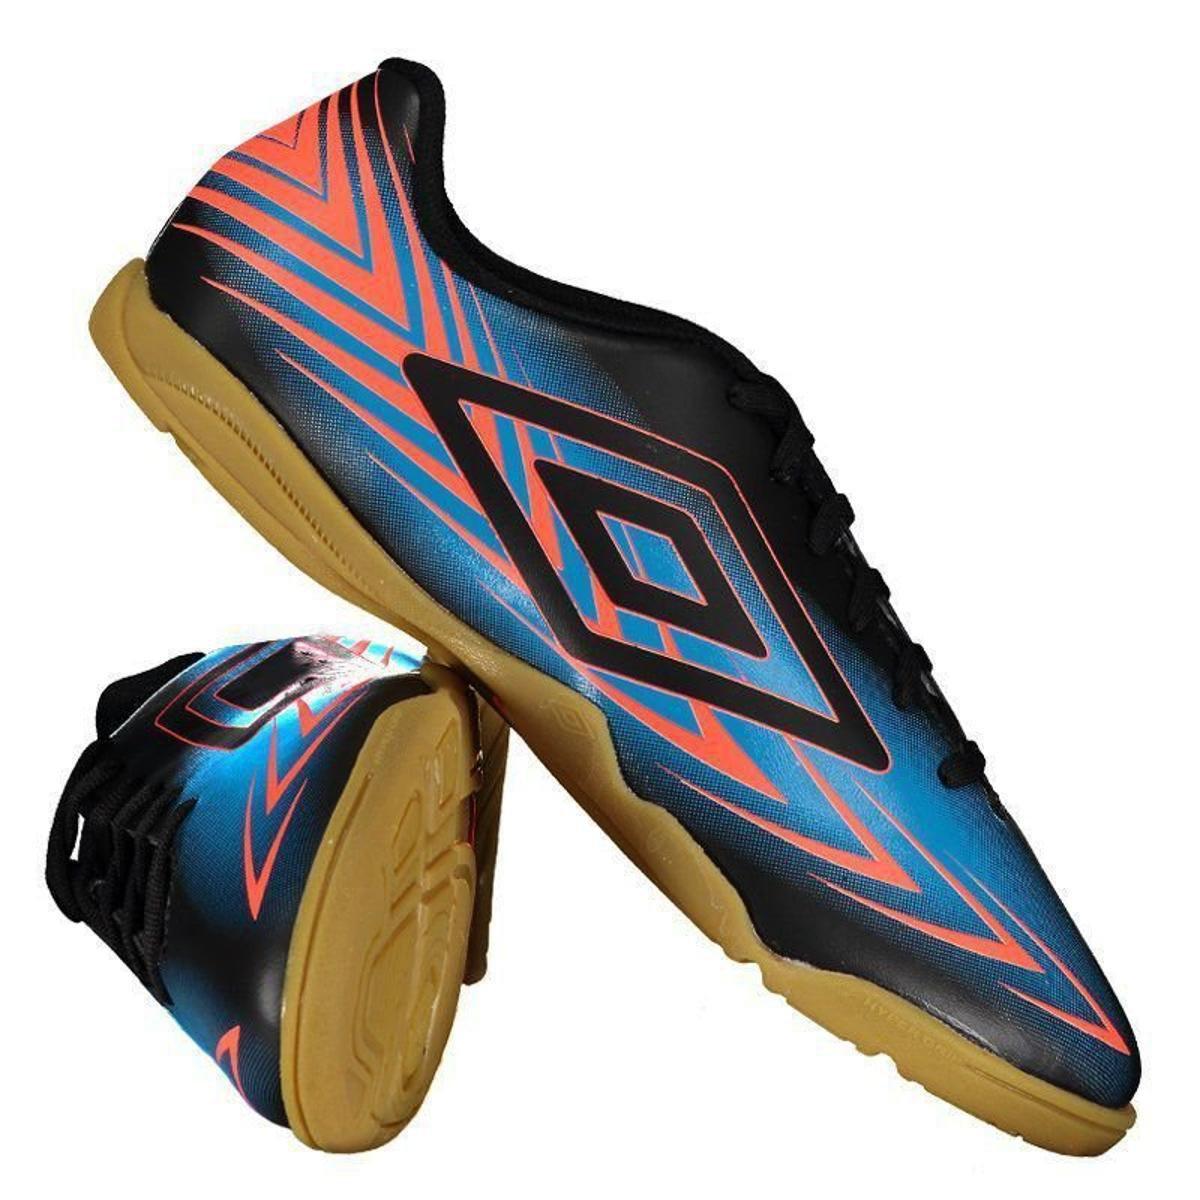 e6584acecf Chuteira Umbro Speed III Futsal Masculina - Compre Agora